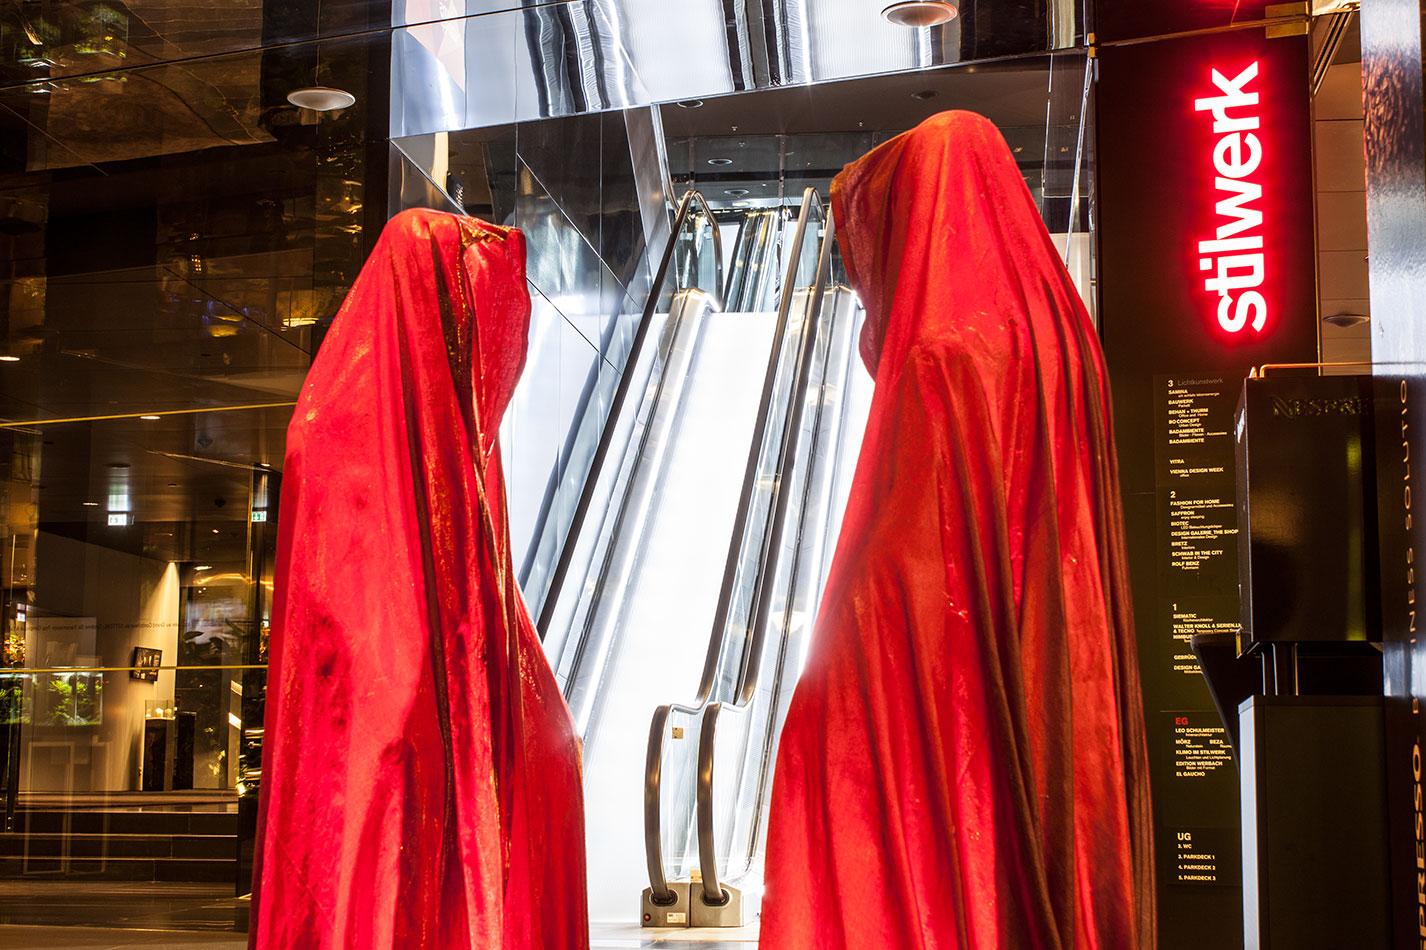 stilwerk-wien-design-tower-vienna-duekouba-designkooperation-guardians-of-time-manfred-kieli-kielnhofer-contemporary-fine-art-arts-design-installation-antique-show-4832